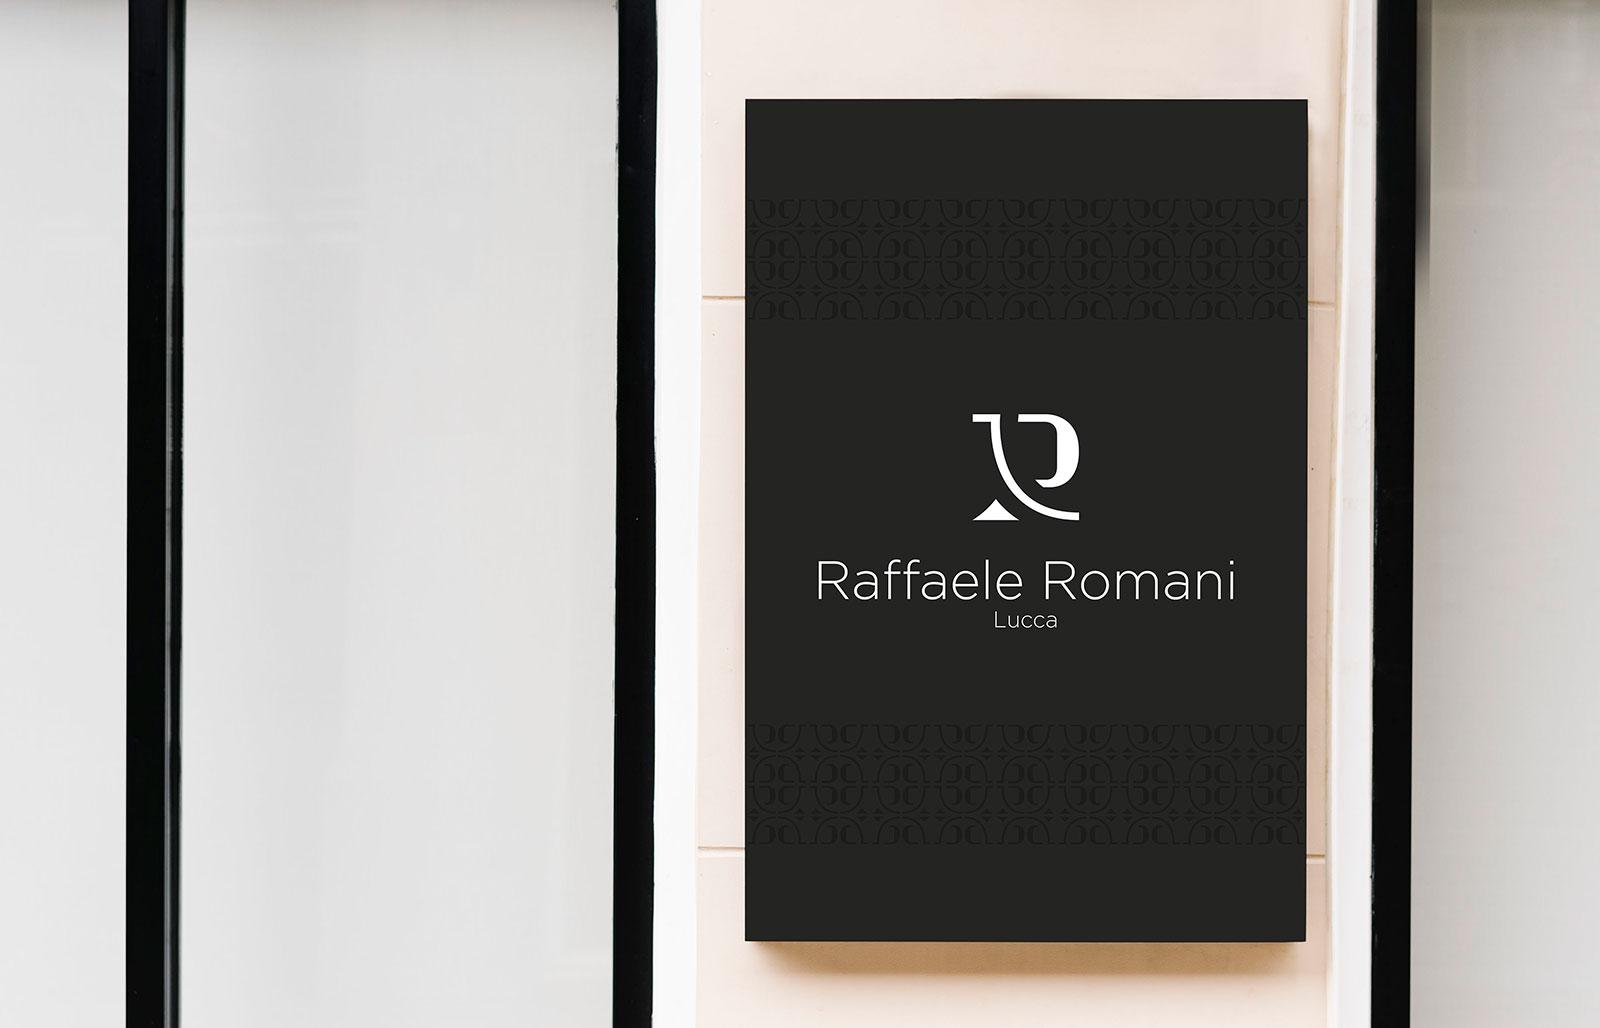 Insegna nera con al centro il logo di Raffaele Romani in bianco